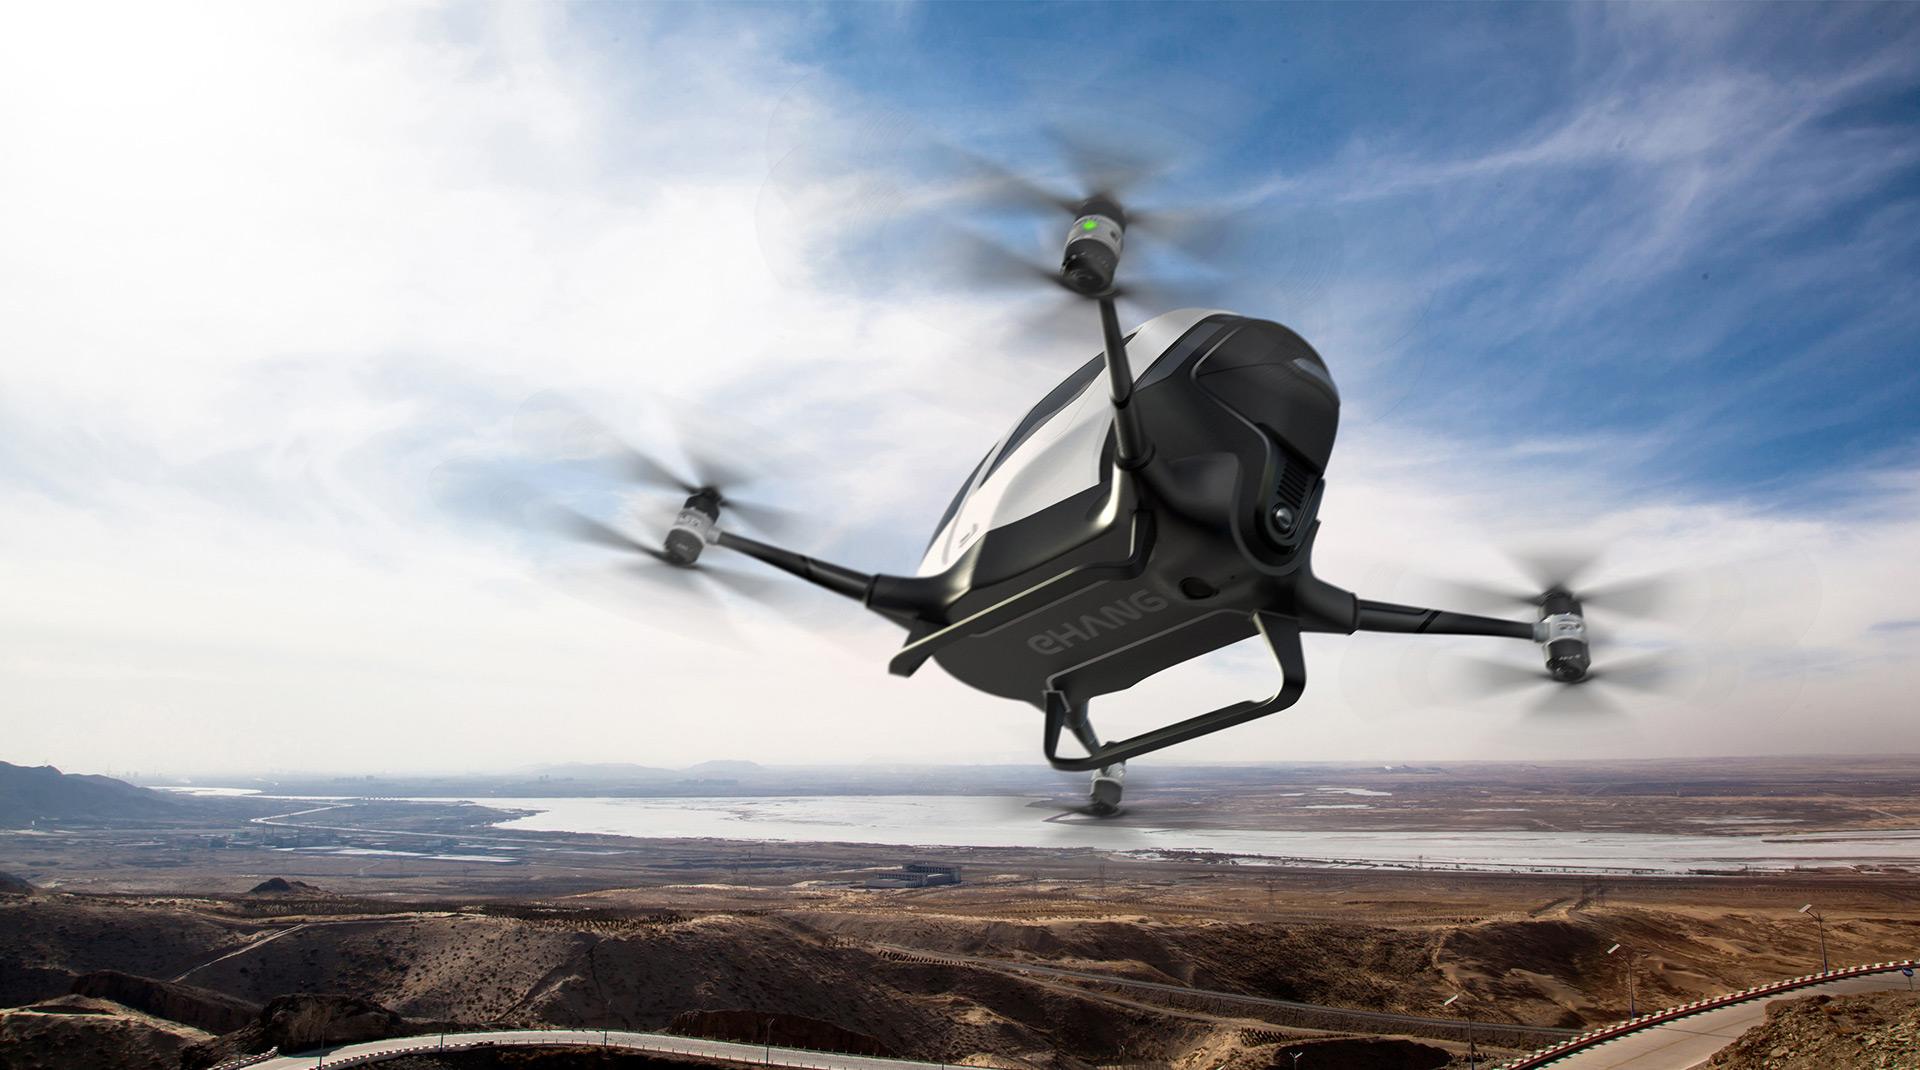 China S Ehang Unveils Autonomous Passenger Drone Video